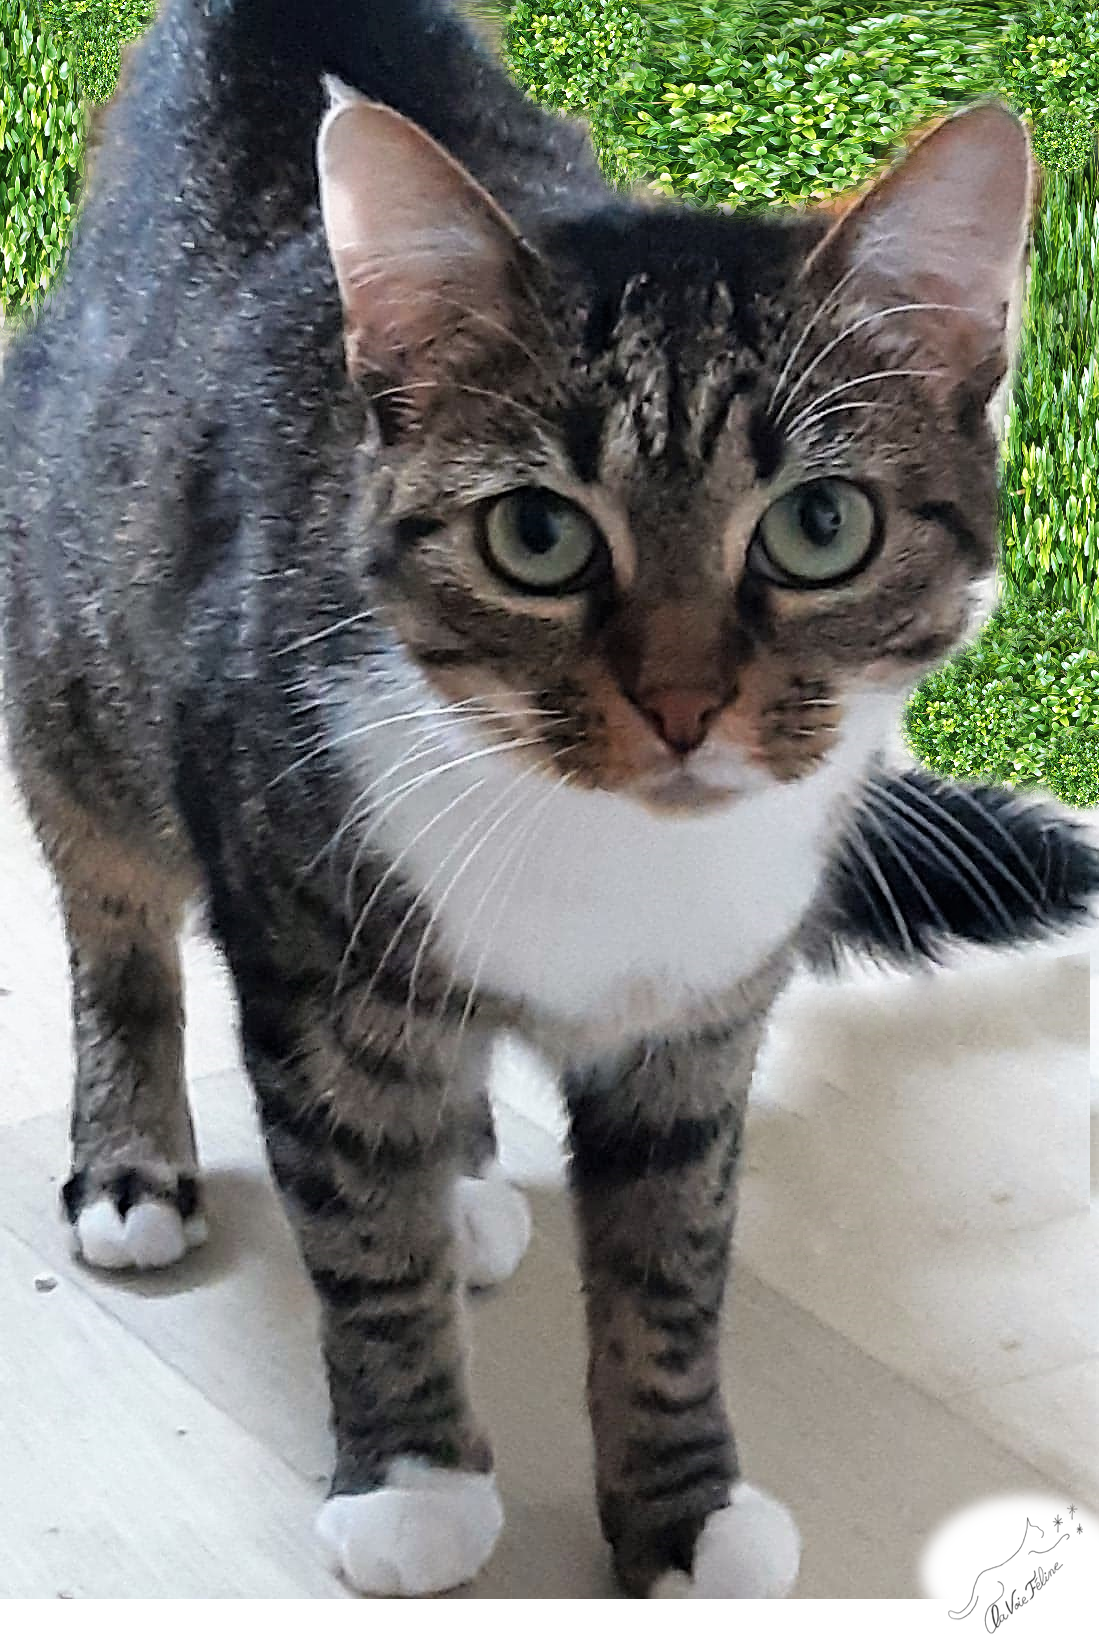 Nanette - Adopter un chat – Ile de France